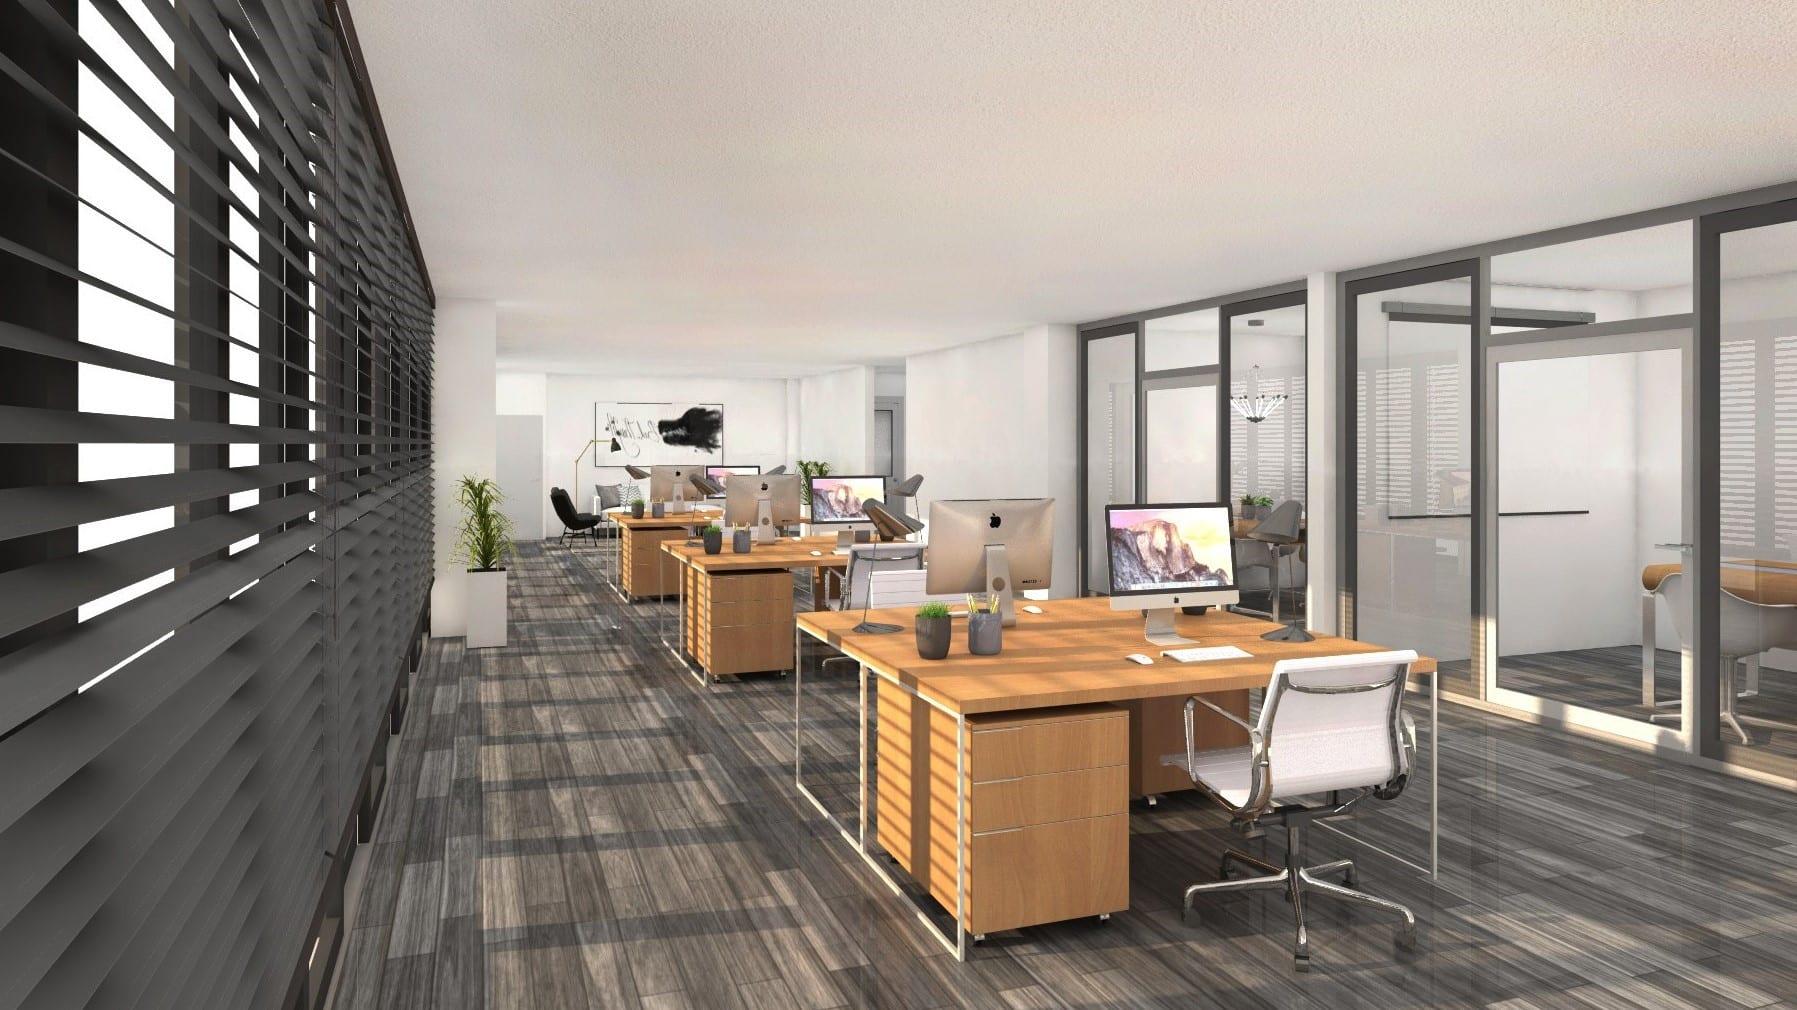 Commerciële ruimte gebouw Vesting